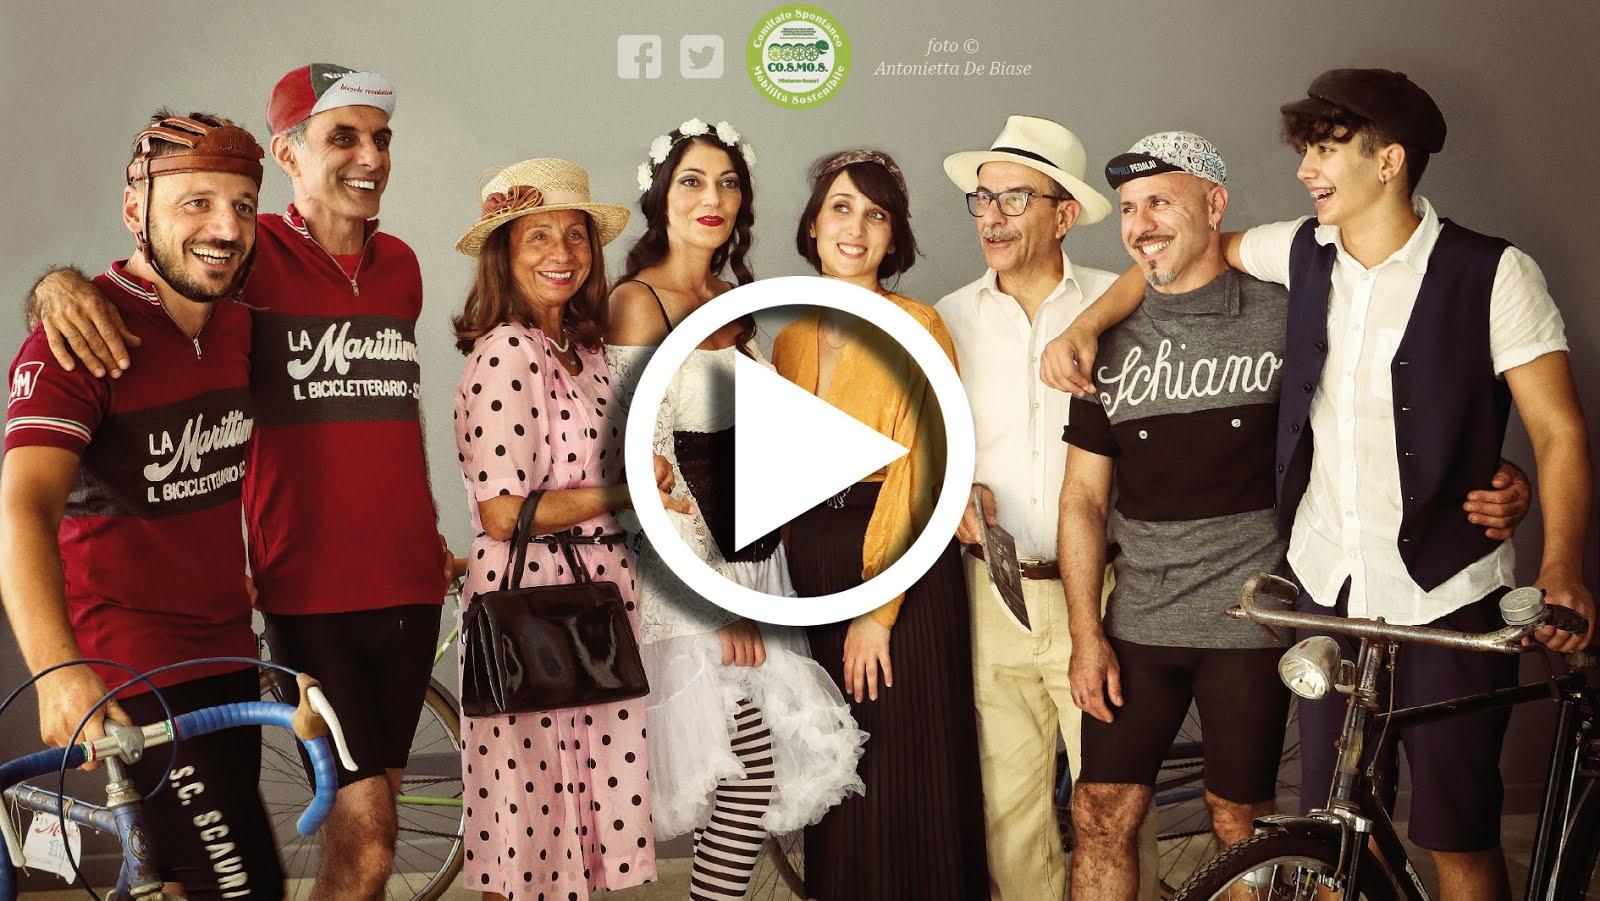 Video-invito: Il Bicicletterario VI edizione